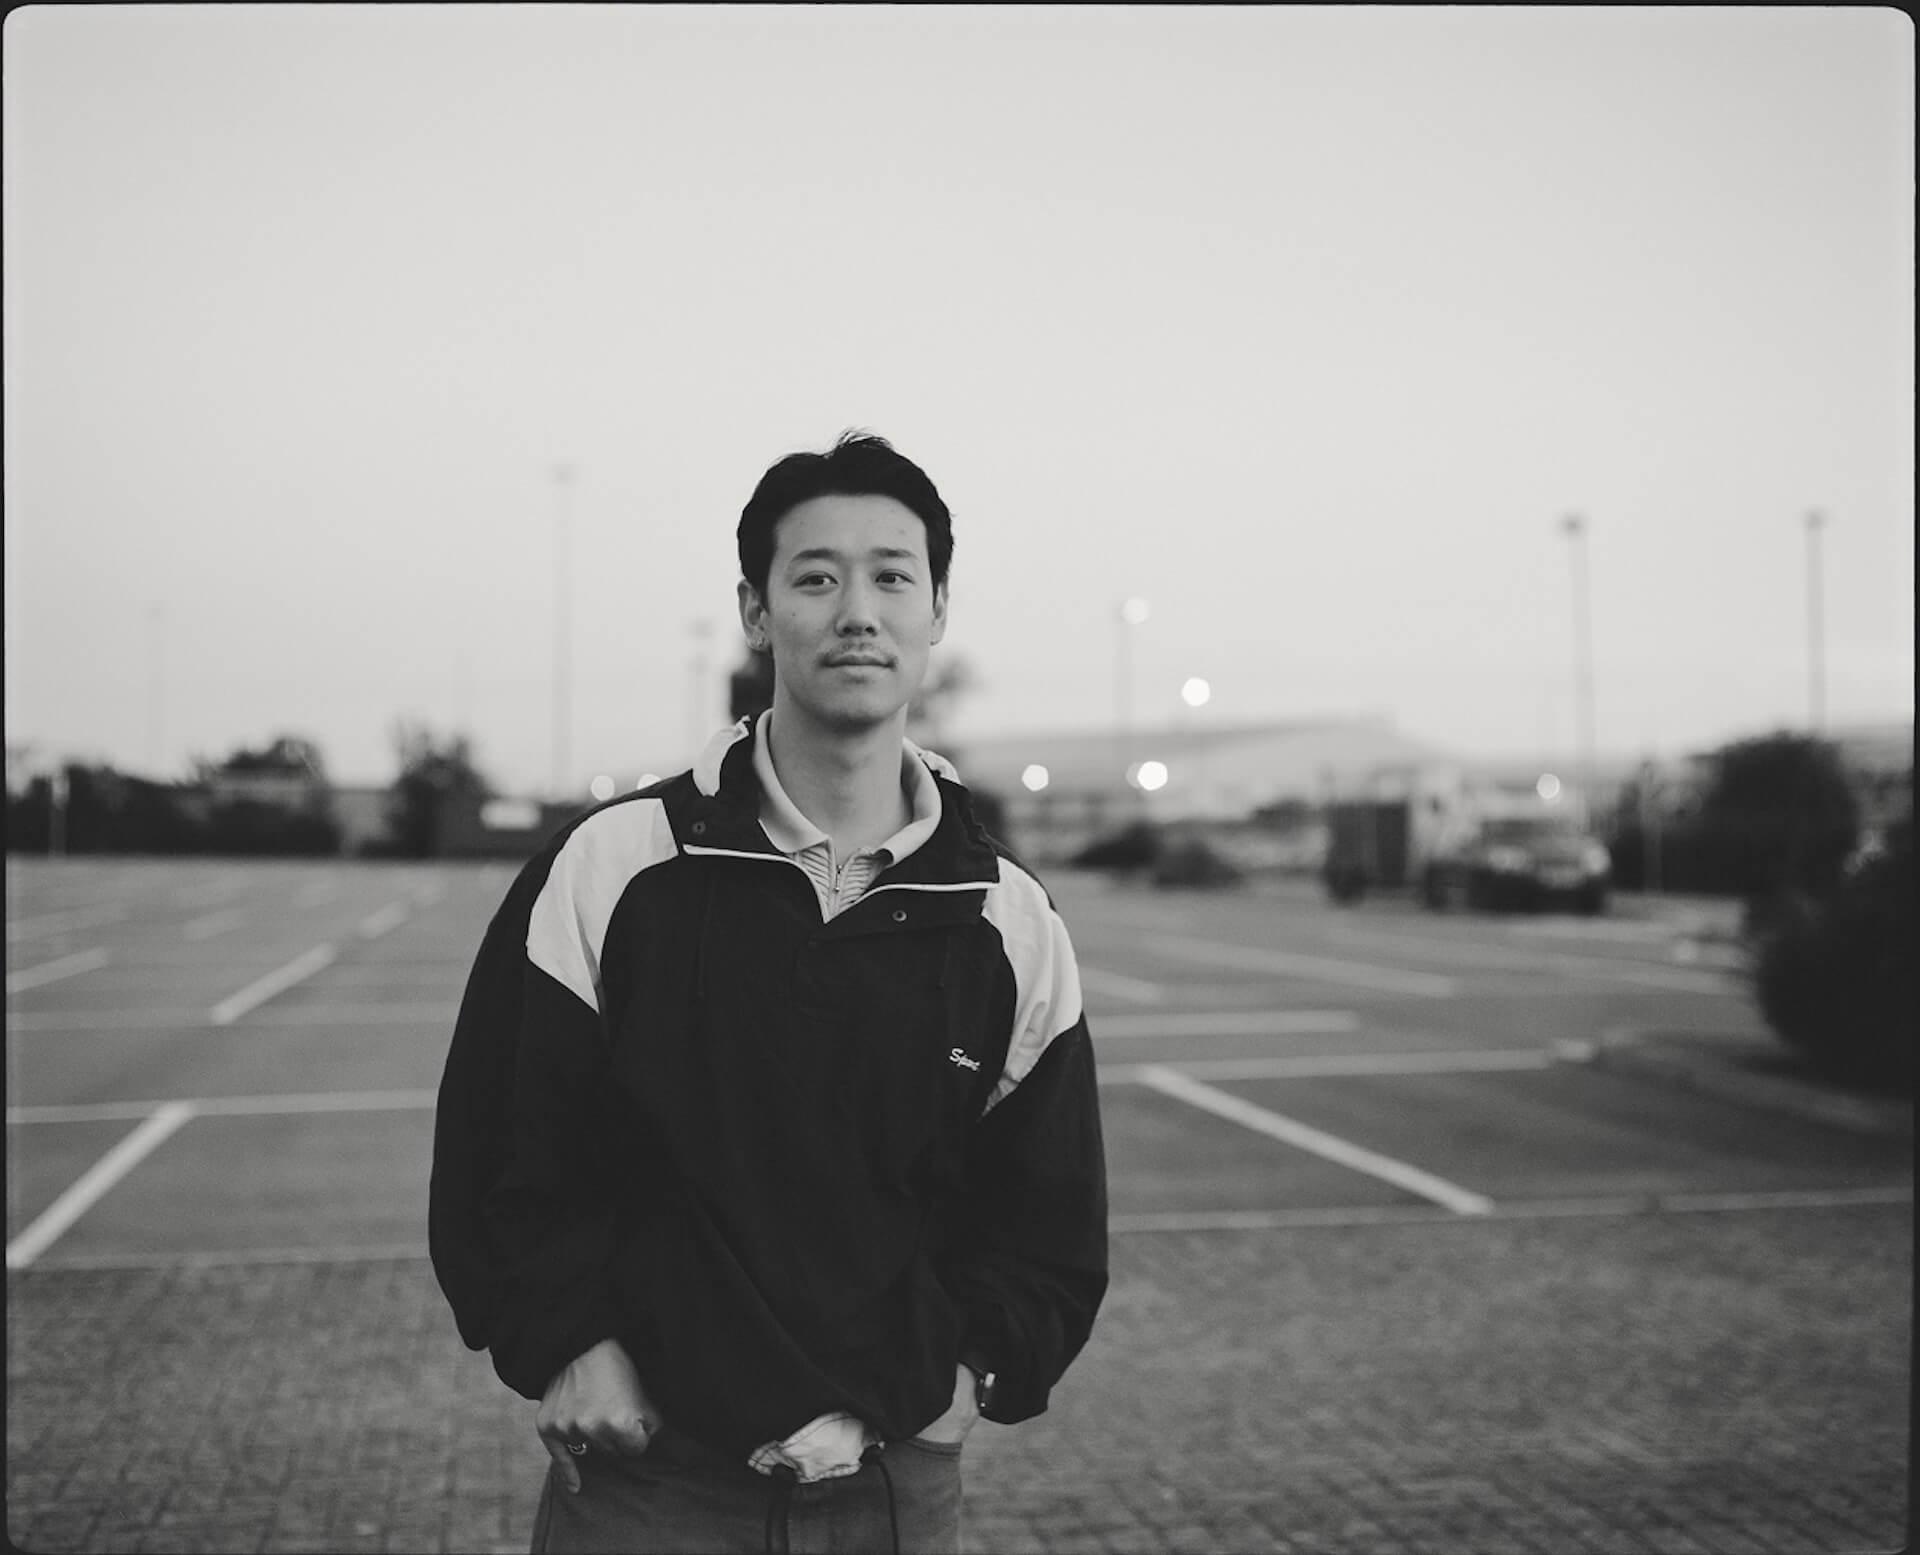 小袋成彬、2ndアルバム『Piercing』のリリースを発表!Tohji、5lackら参加|The fin.との楽曲「COLD」MVを公開 music191213_obukuronariaki_2